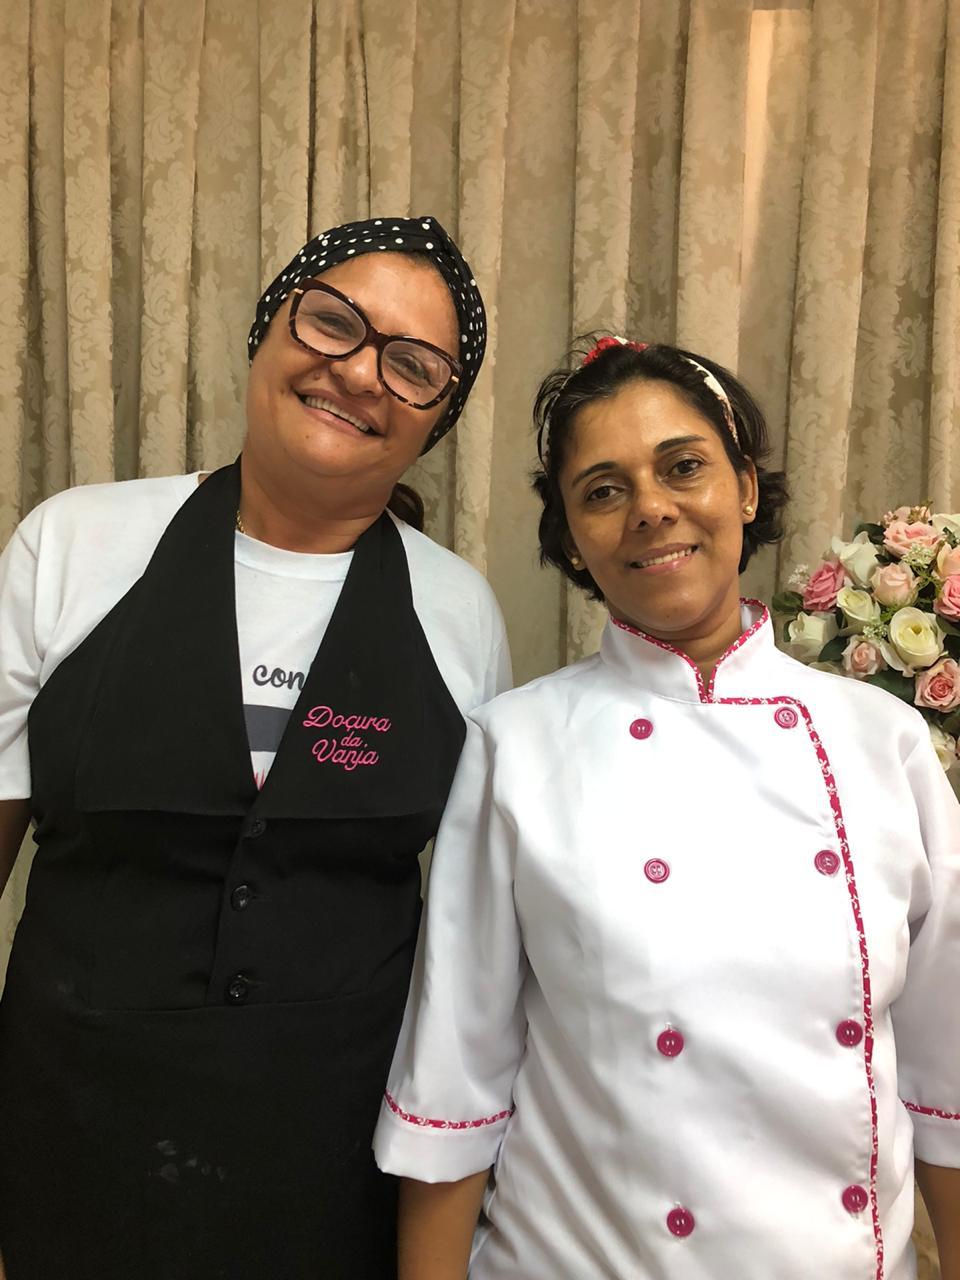 CURSO 13 NOV as 13;30h às 16:30 h - CURSO DE PÃO METRO,ROSCA NATALINA E PANETONE  Culinarista Solange e Vanja